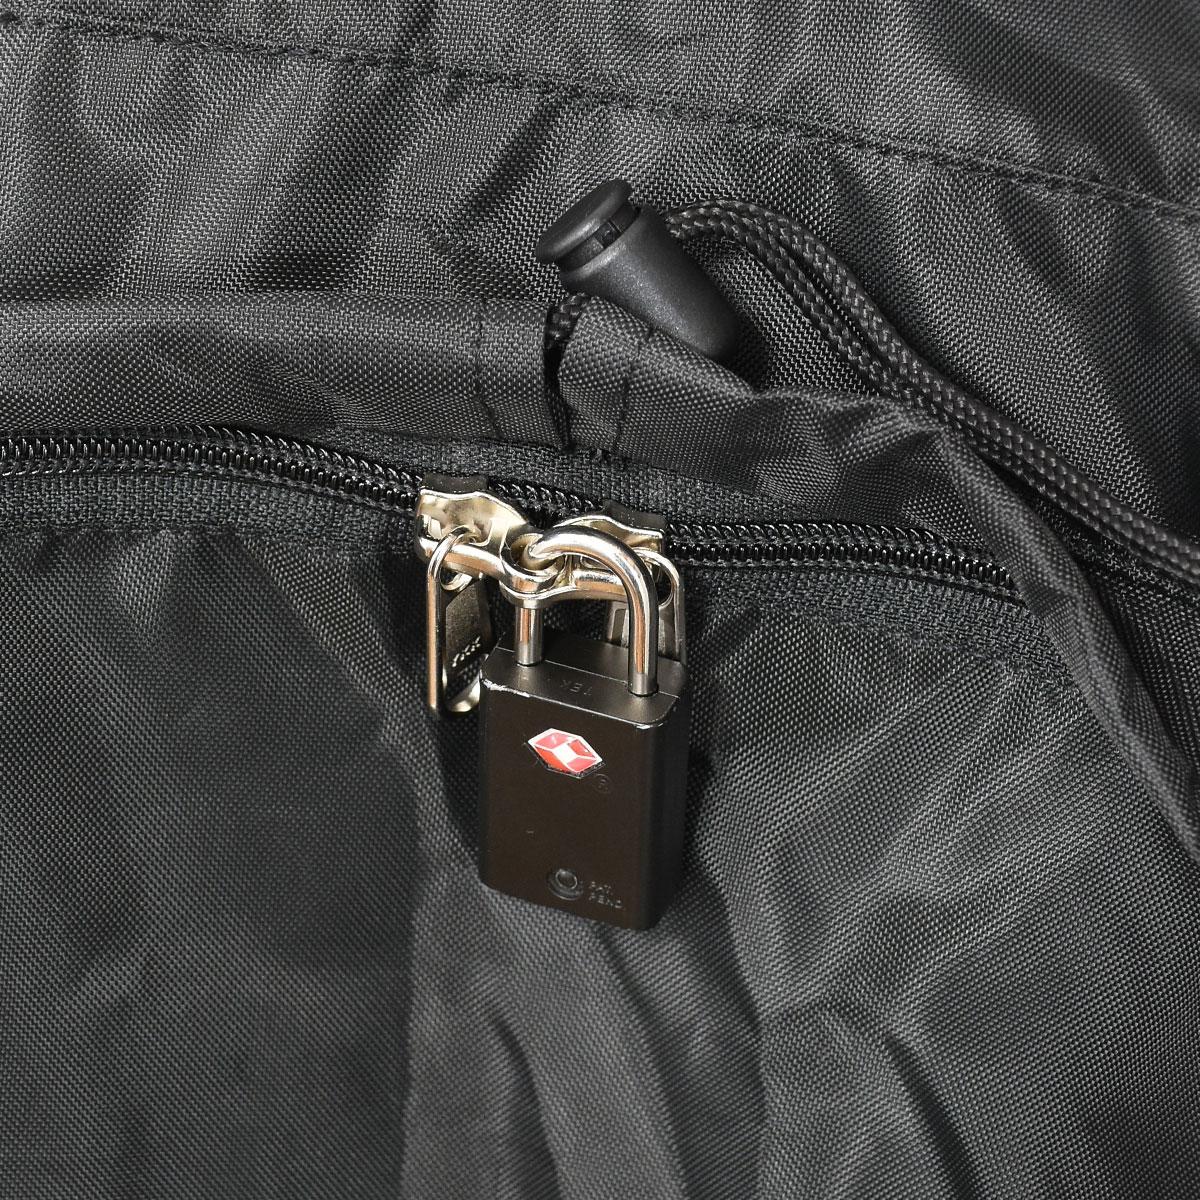 ザックカバー Cover 70  ザックカバー アコンカグア, 盗難防止,破損防止,汚れ防止,サブバッグ レインカバー